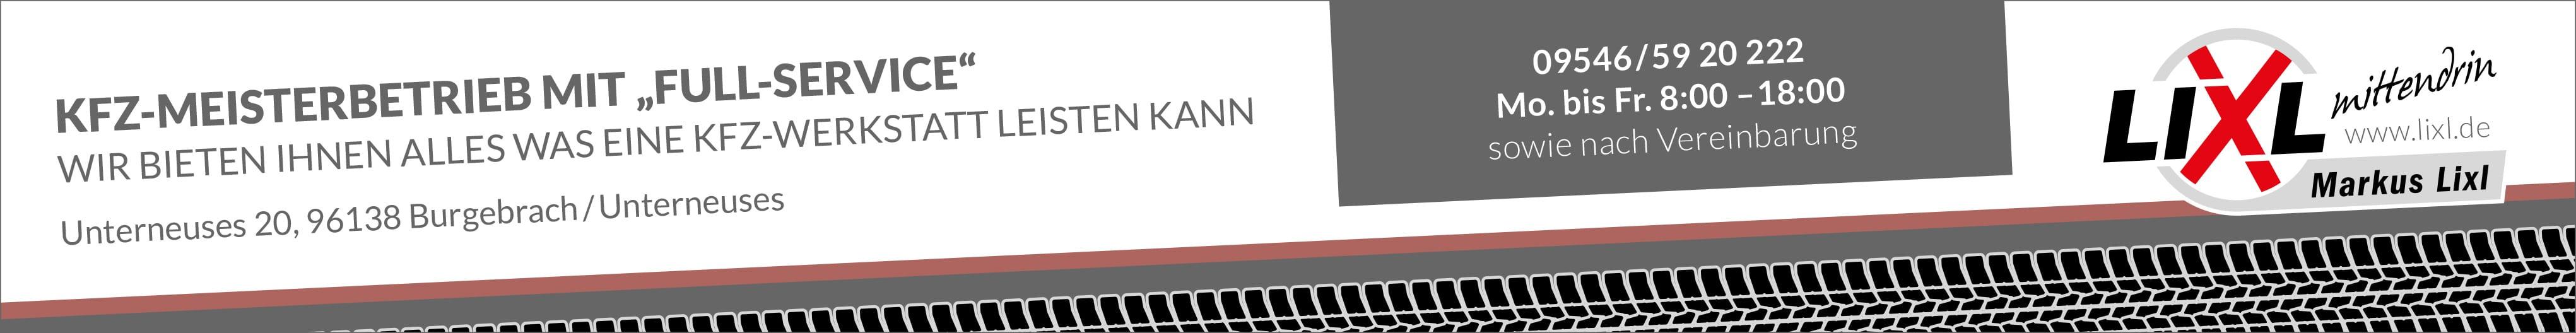 KFZ Markus Lixl